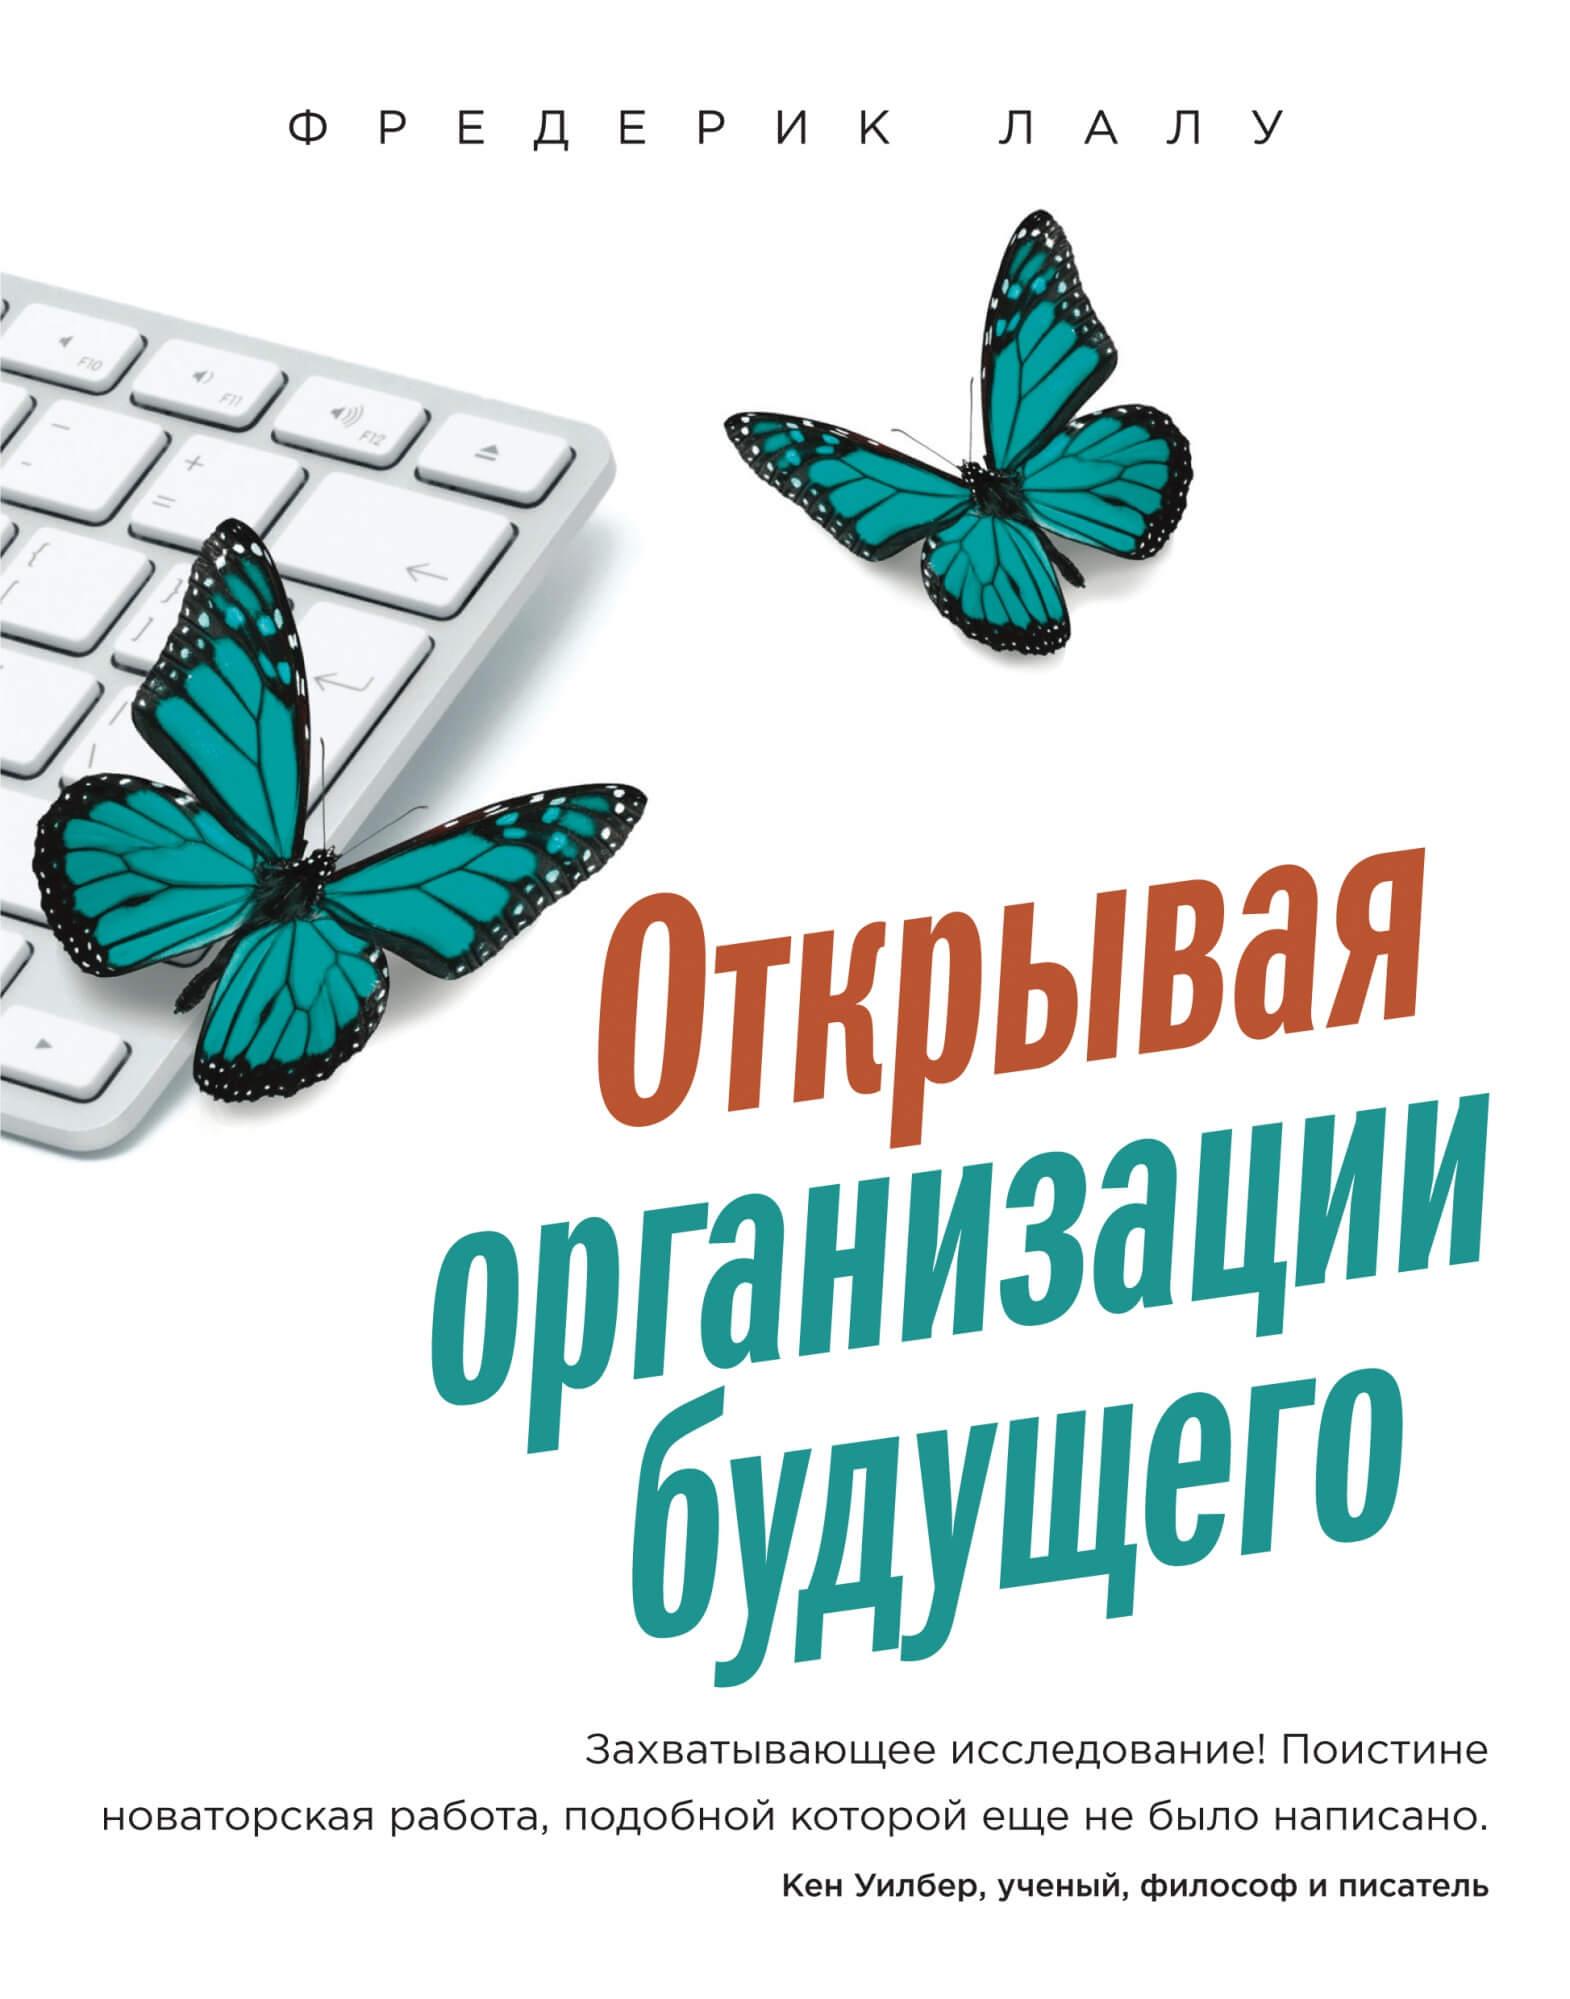 Otkryvaya_org_cover1.jpg